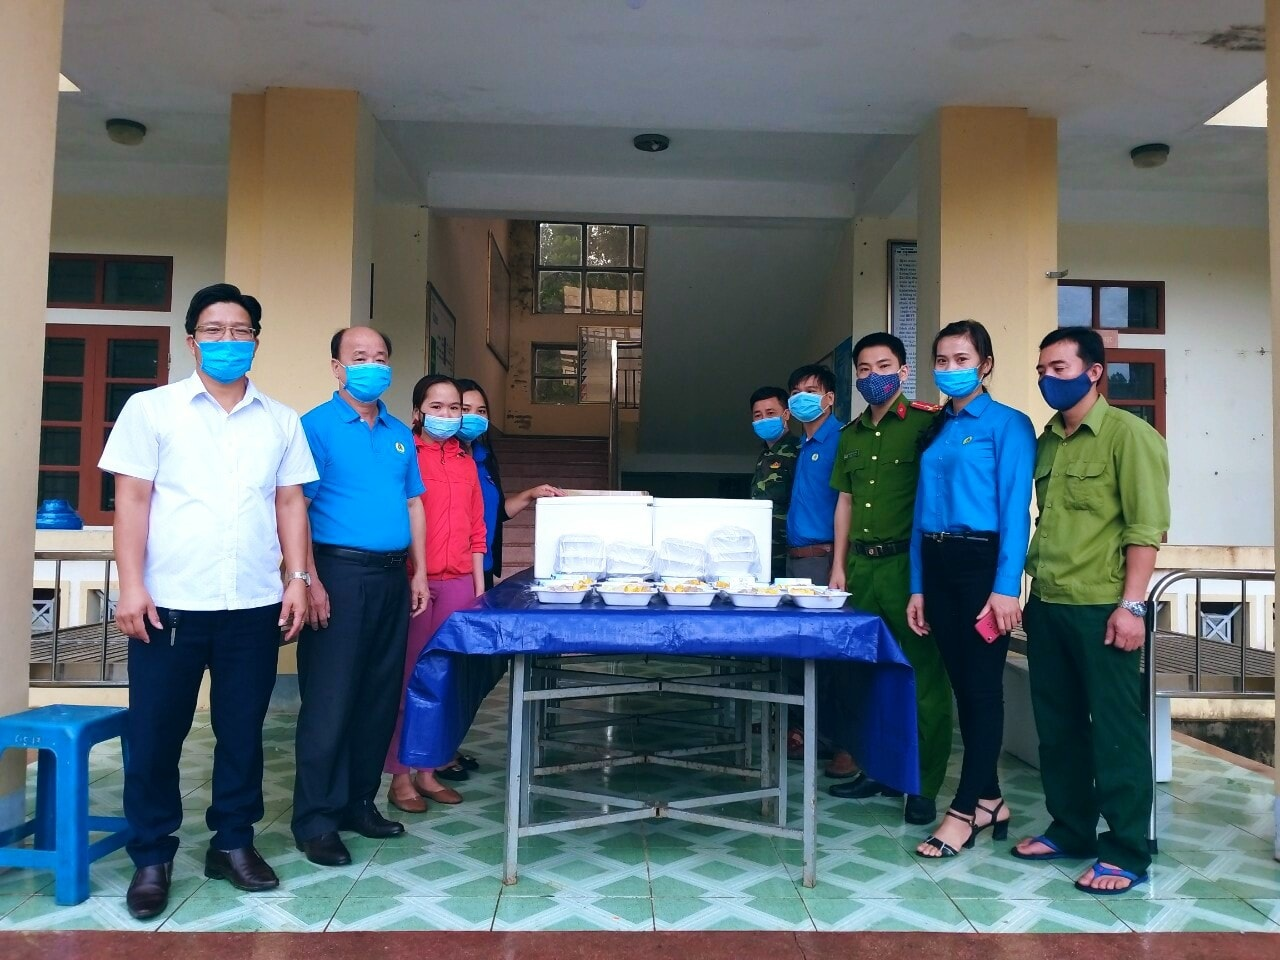 Ban Nữ công LĐLĐ huyện Vũ Quang phối hợp tổ chức nấu, trao các suất ăn sáng tại khu cách ly.